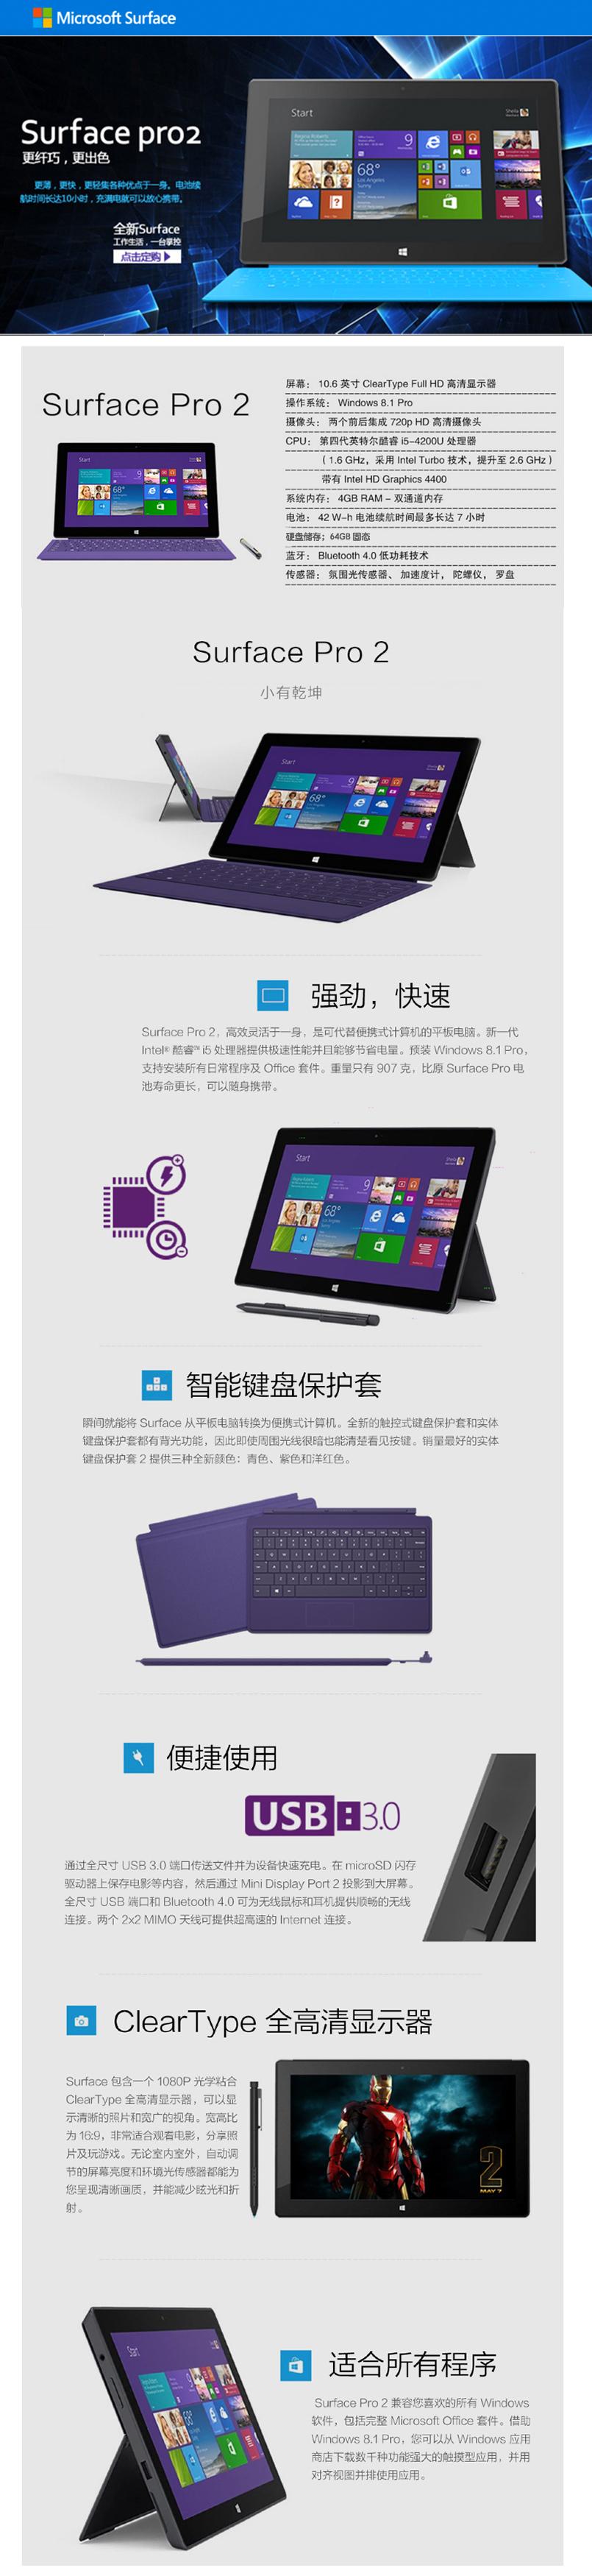 微软Surface Pro 2超级本笔记本电脑租赁 I5处理器/4G内存/64G固态